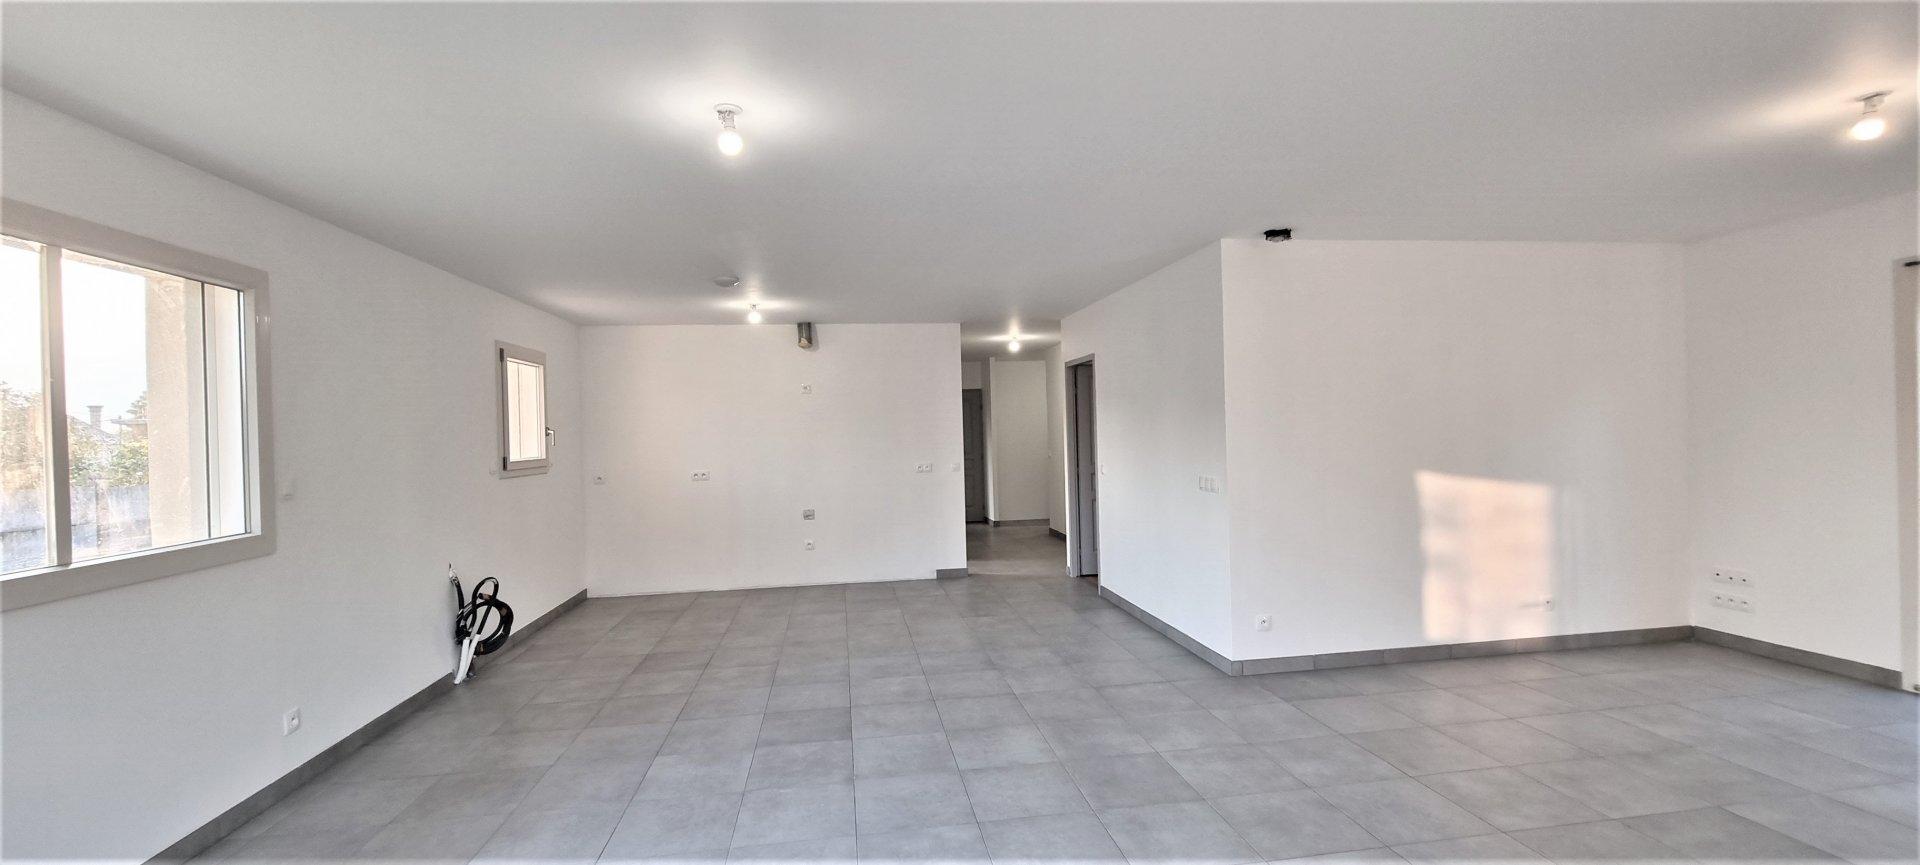 Au prix d'un loyer: Maison neuve 5 pièces,  BADONVILLER